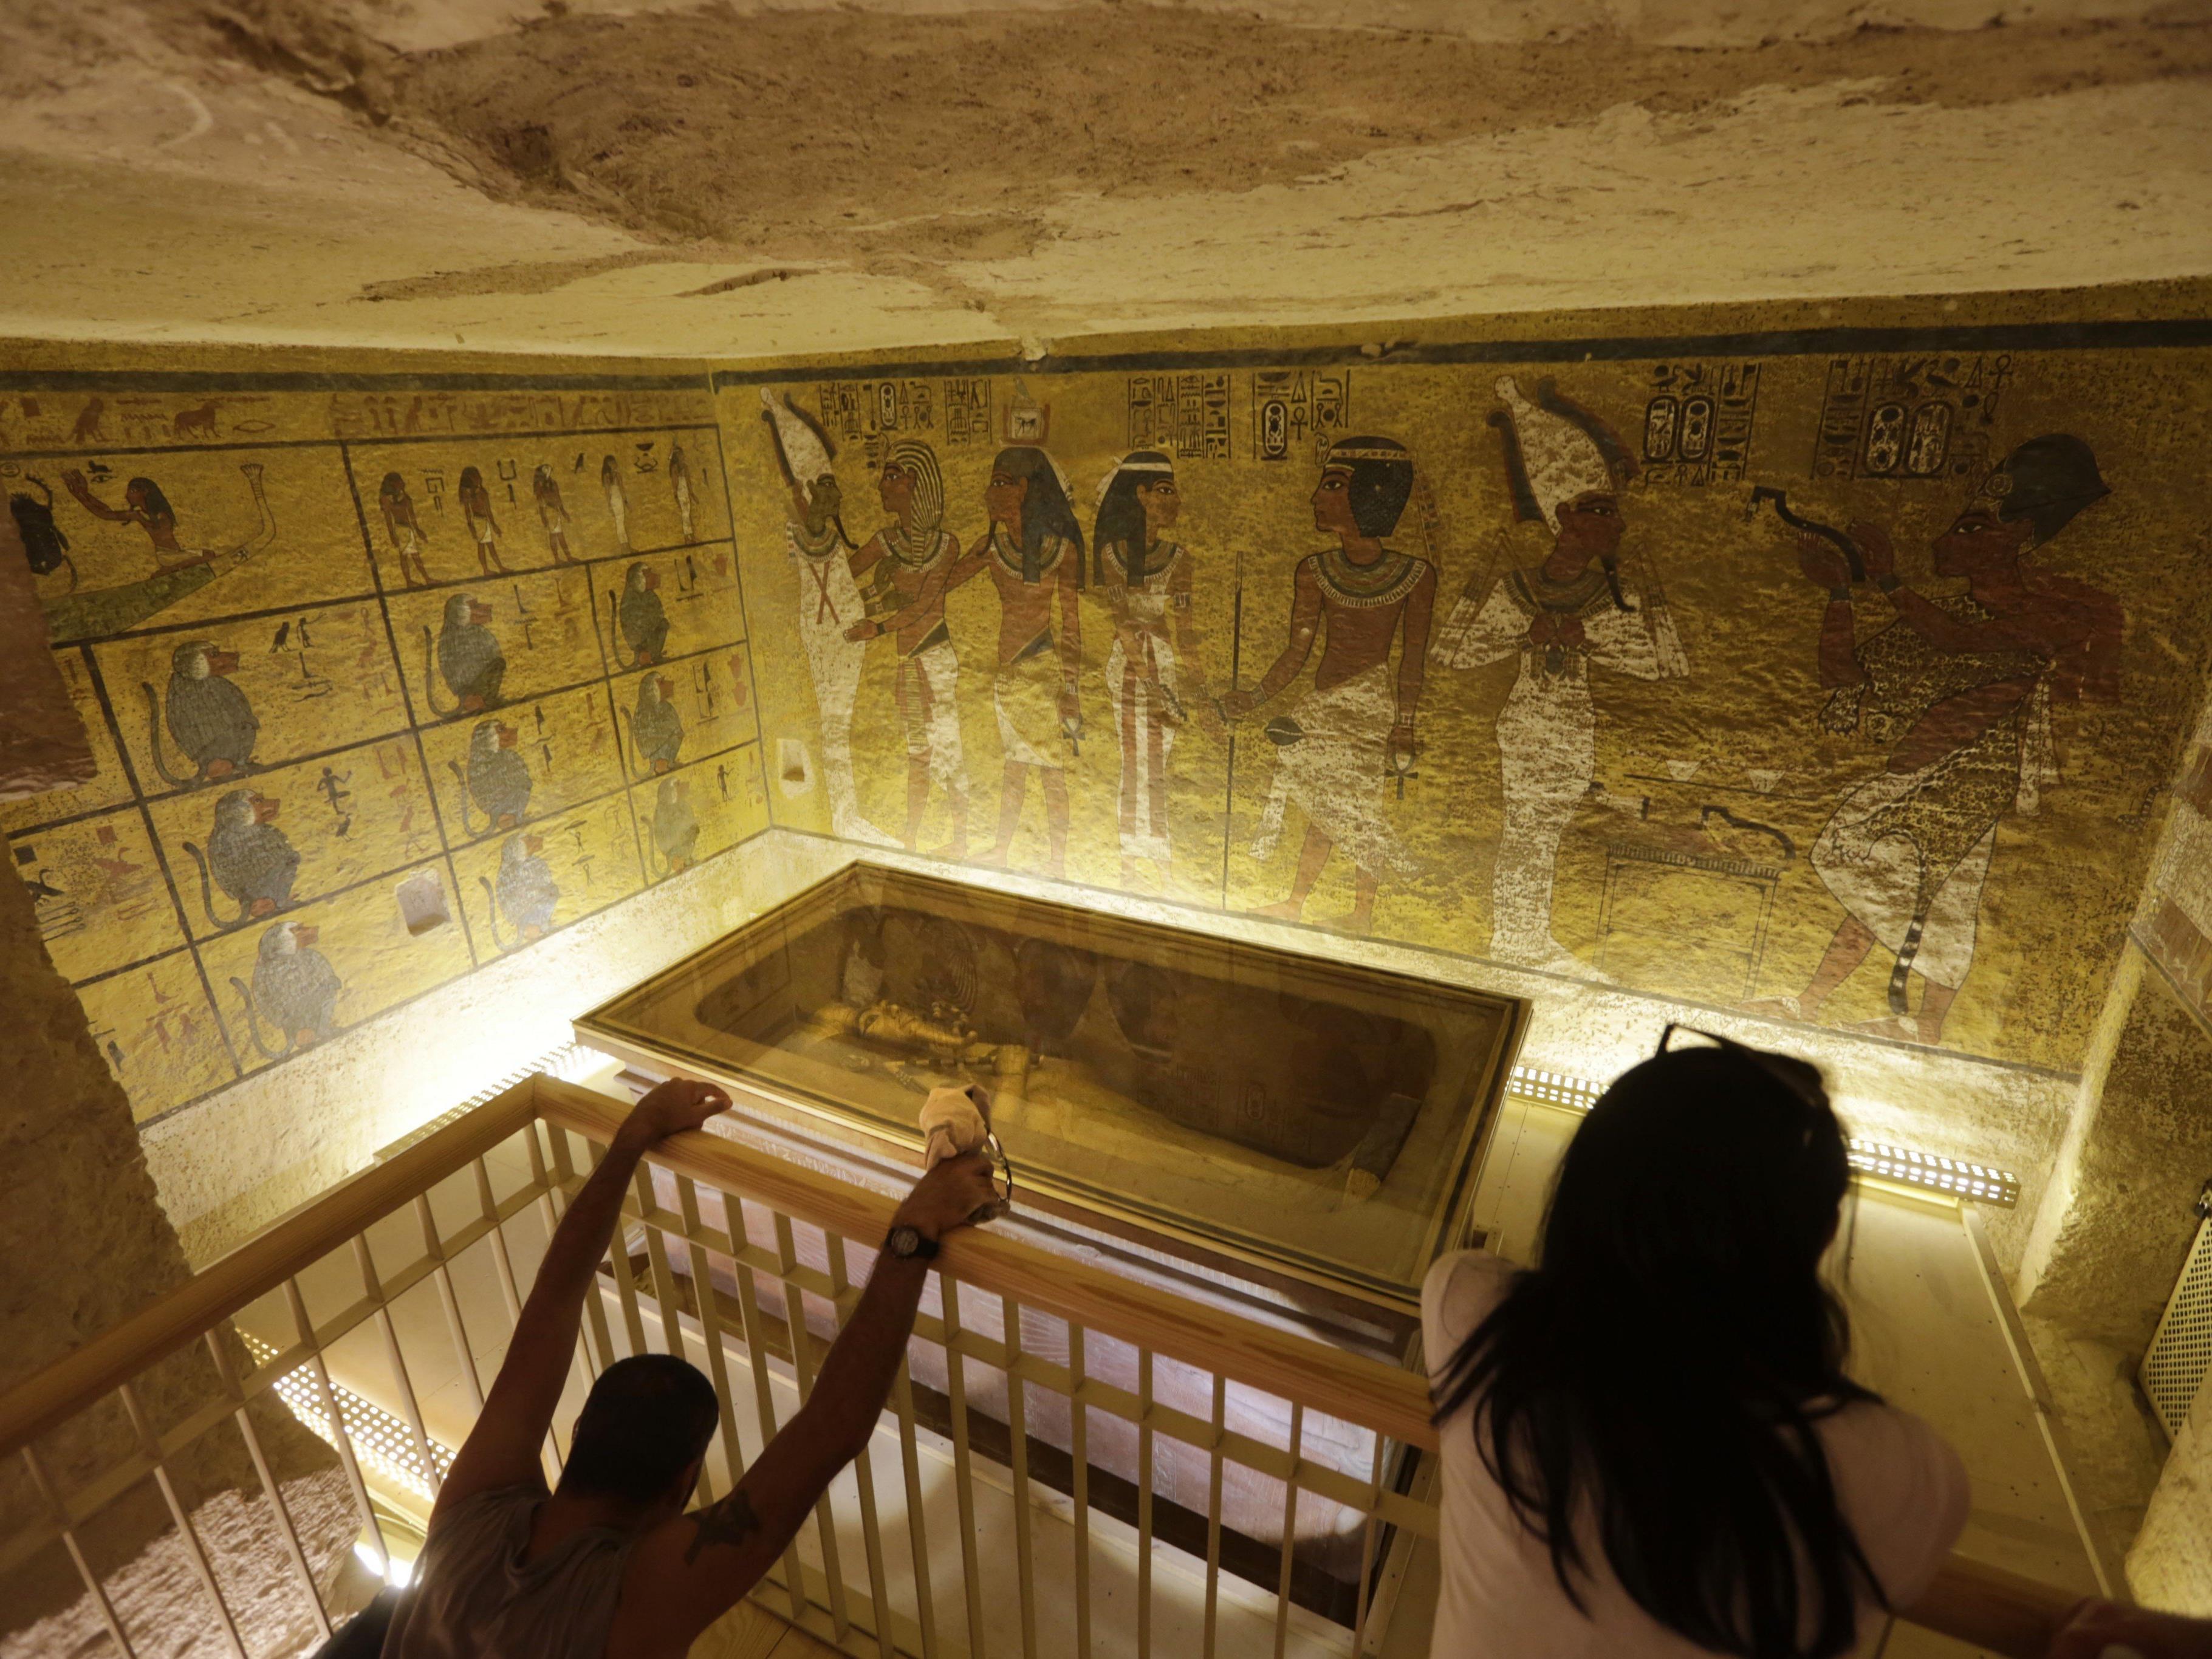 Sensationsfund wird wahrscheinlicher: Liegt Nofretete im Grab des Tutanchamun?